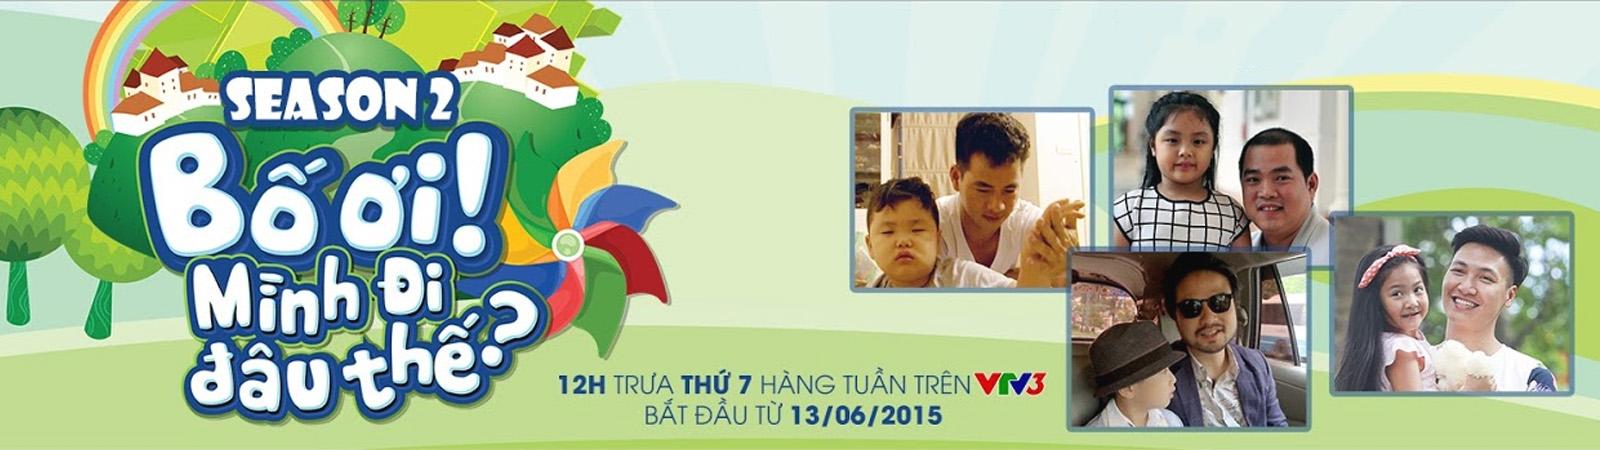 Tập 8 - Bố Ơi, Mình Đi Đâu Thế - Việt Nam